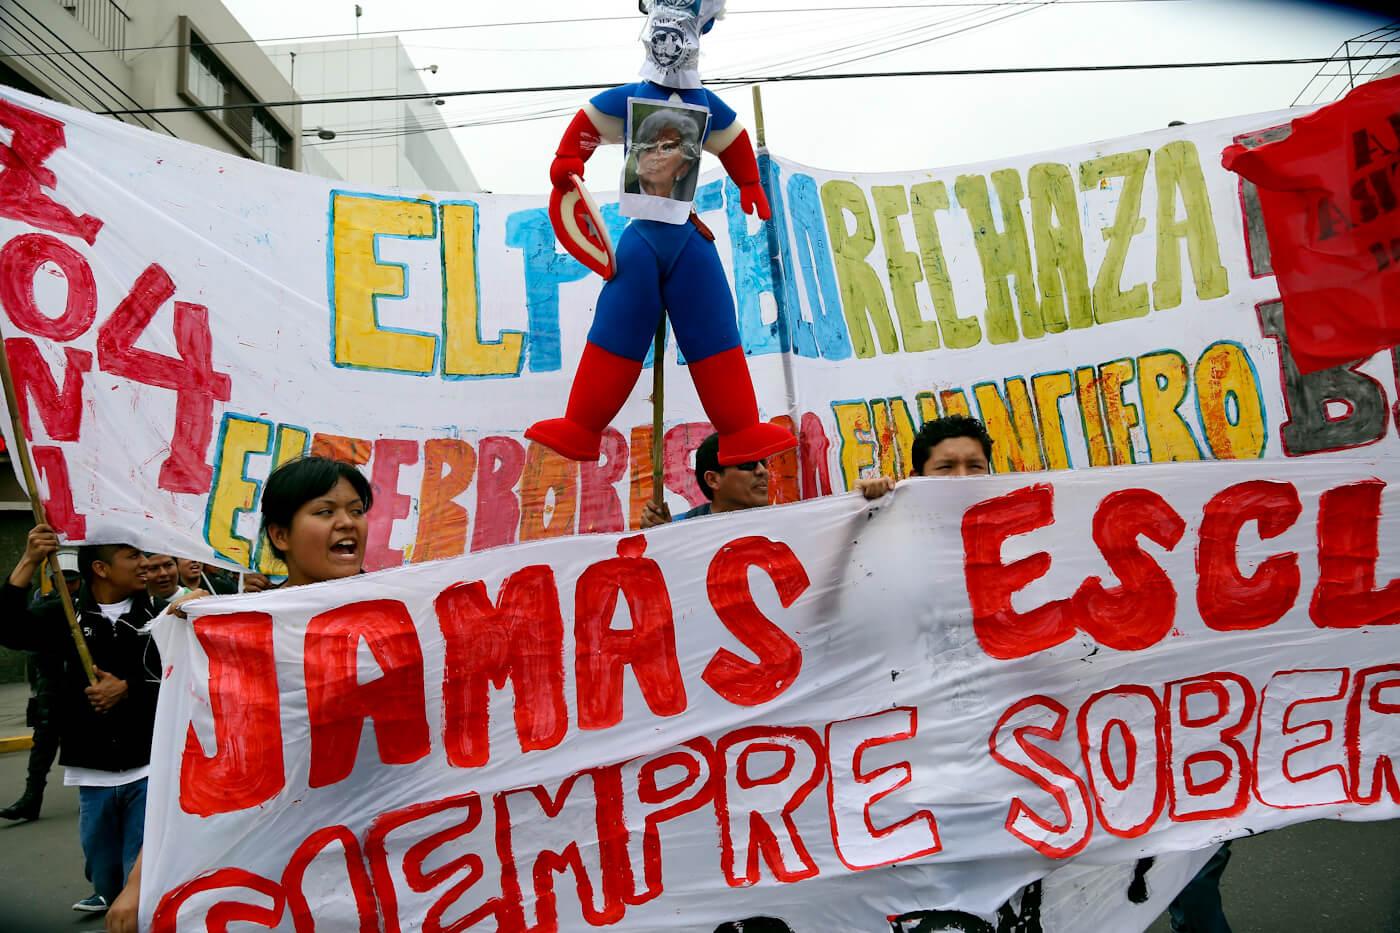 FMI del Banco Mundial | Protesta